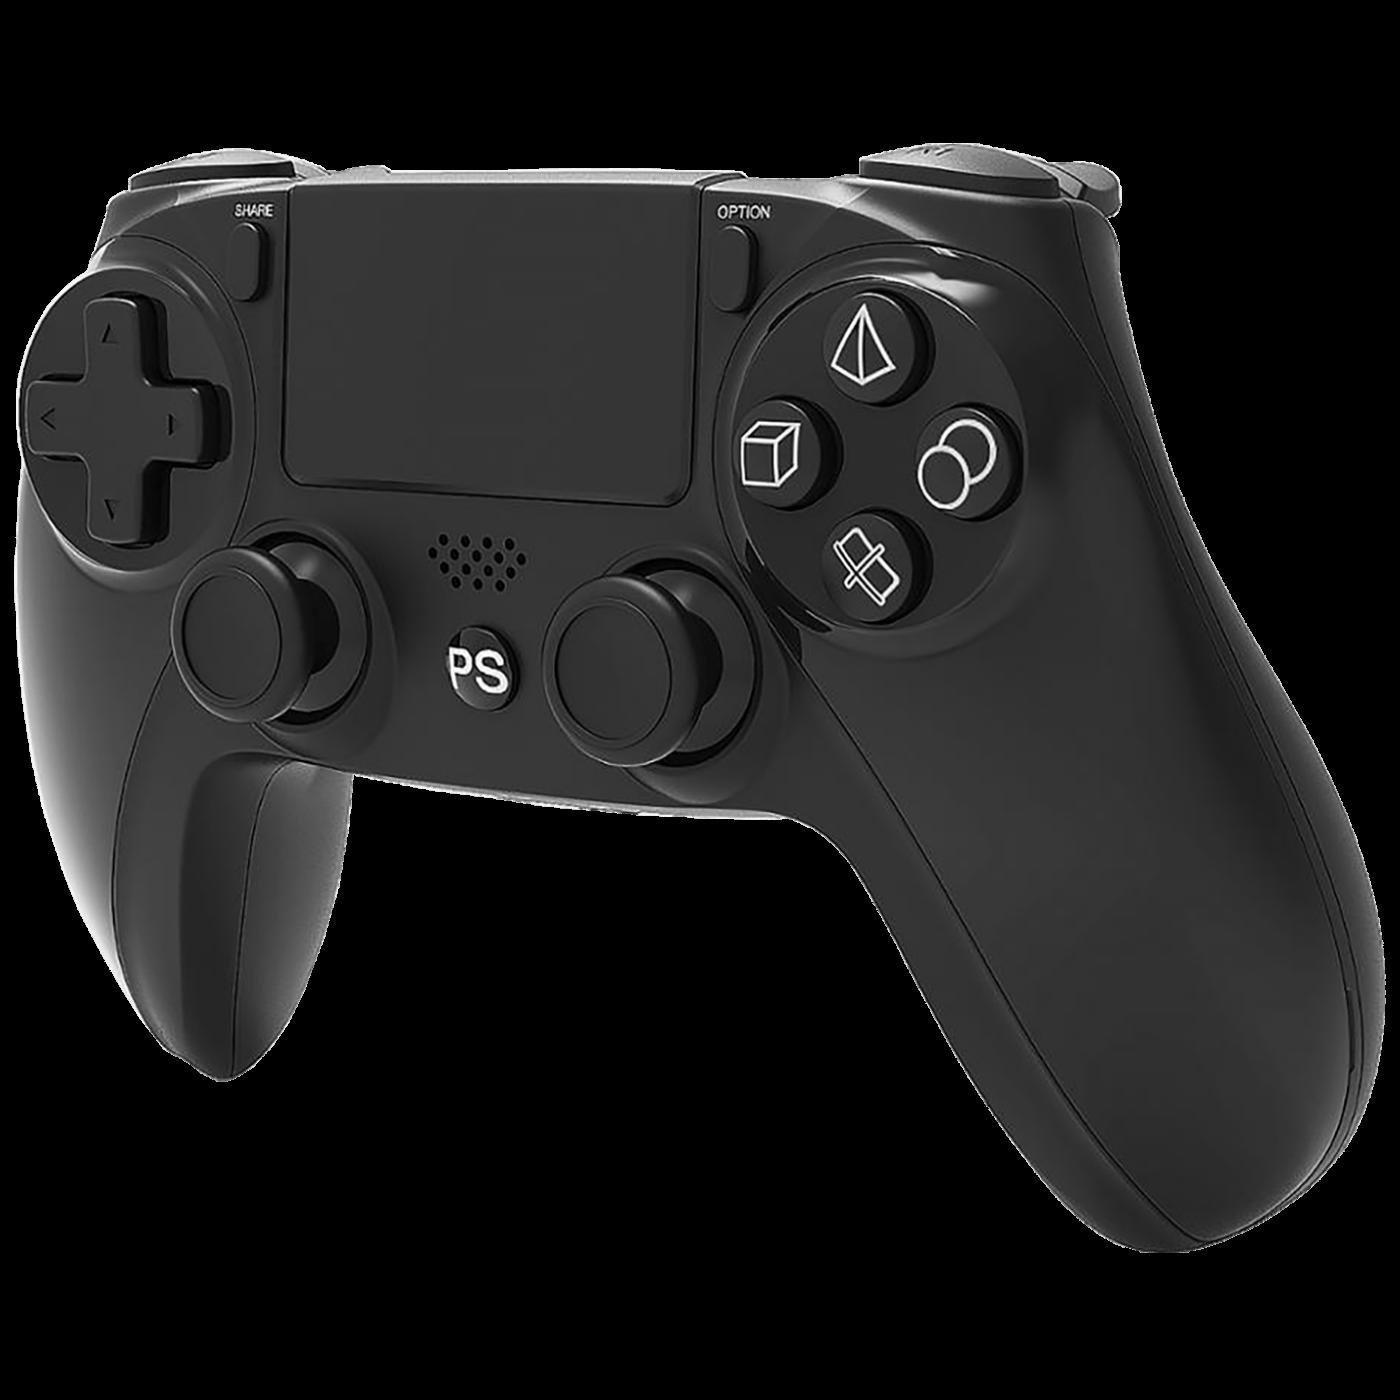 Gamepad bežični za PC/PS4, Bluetooth